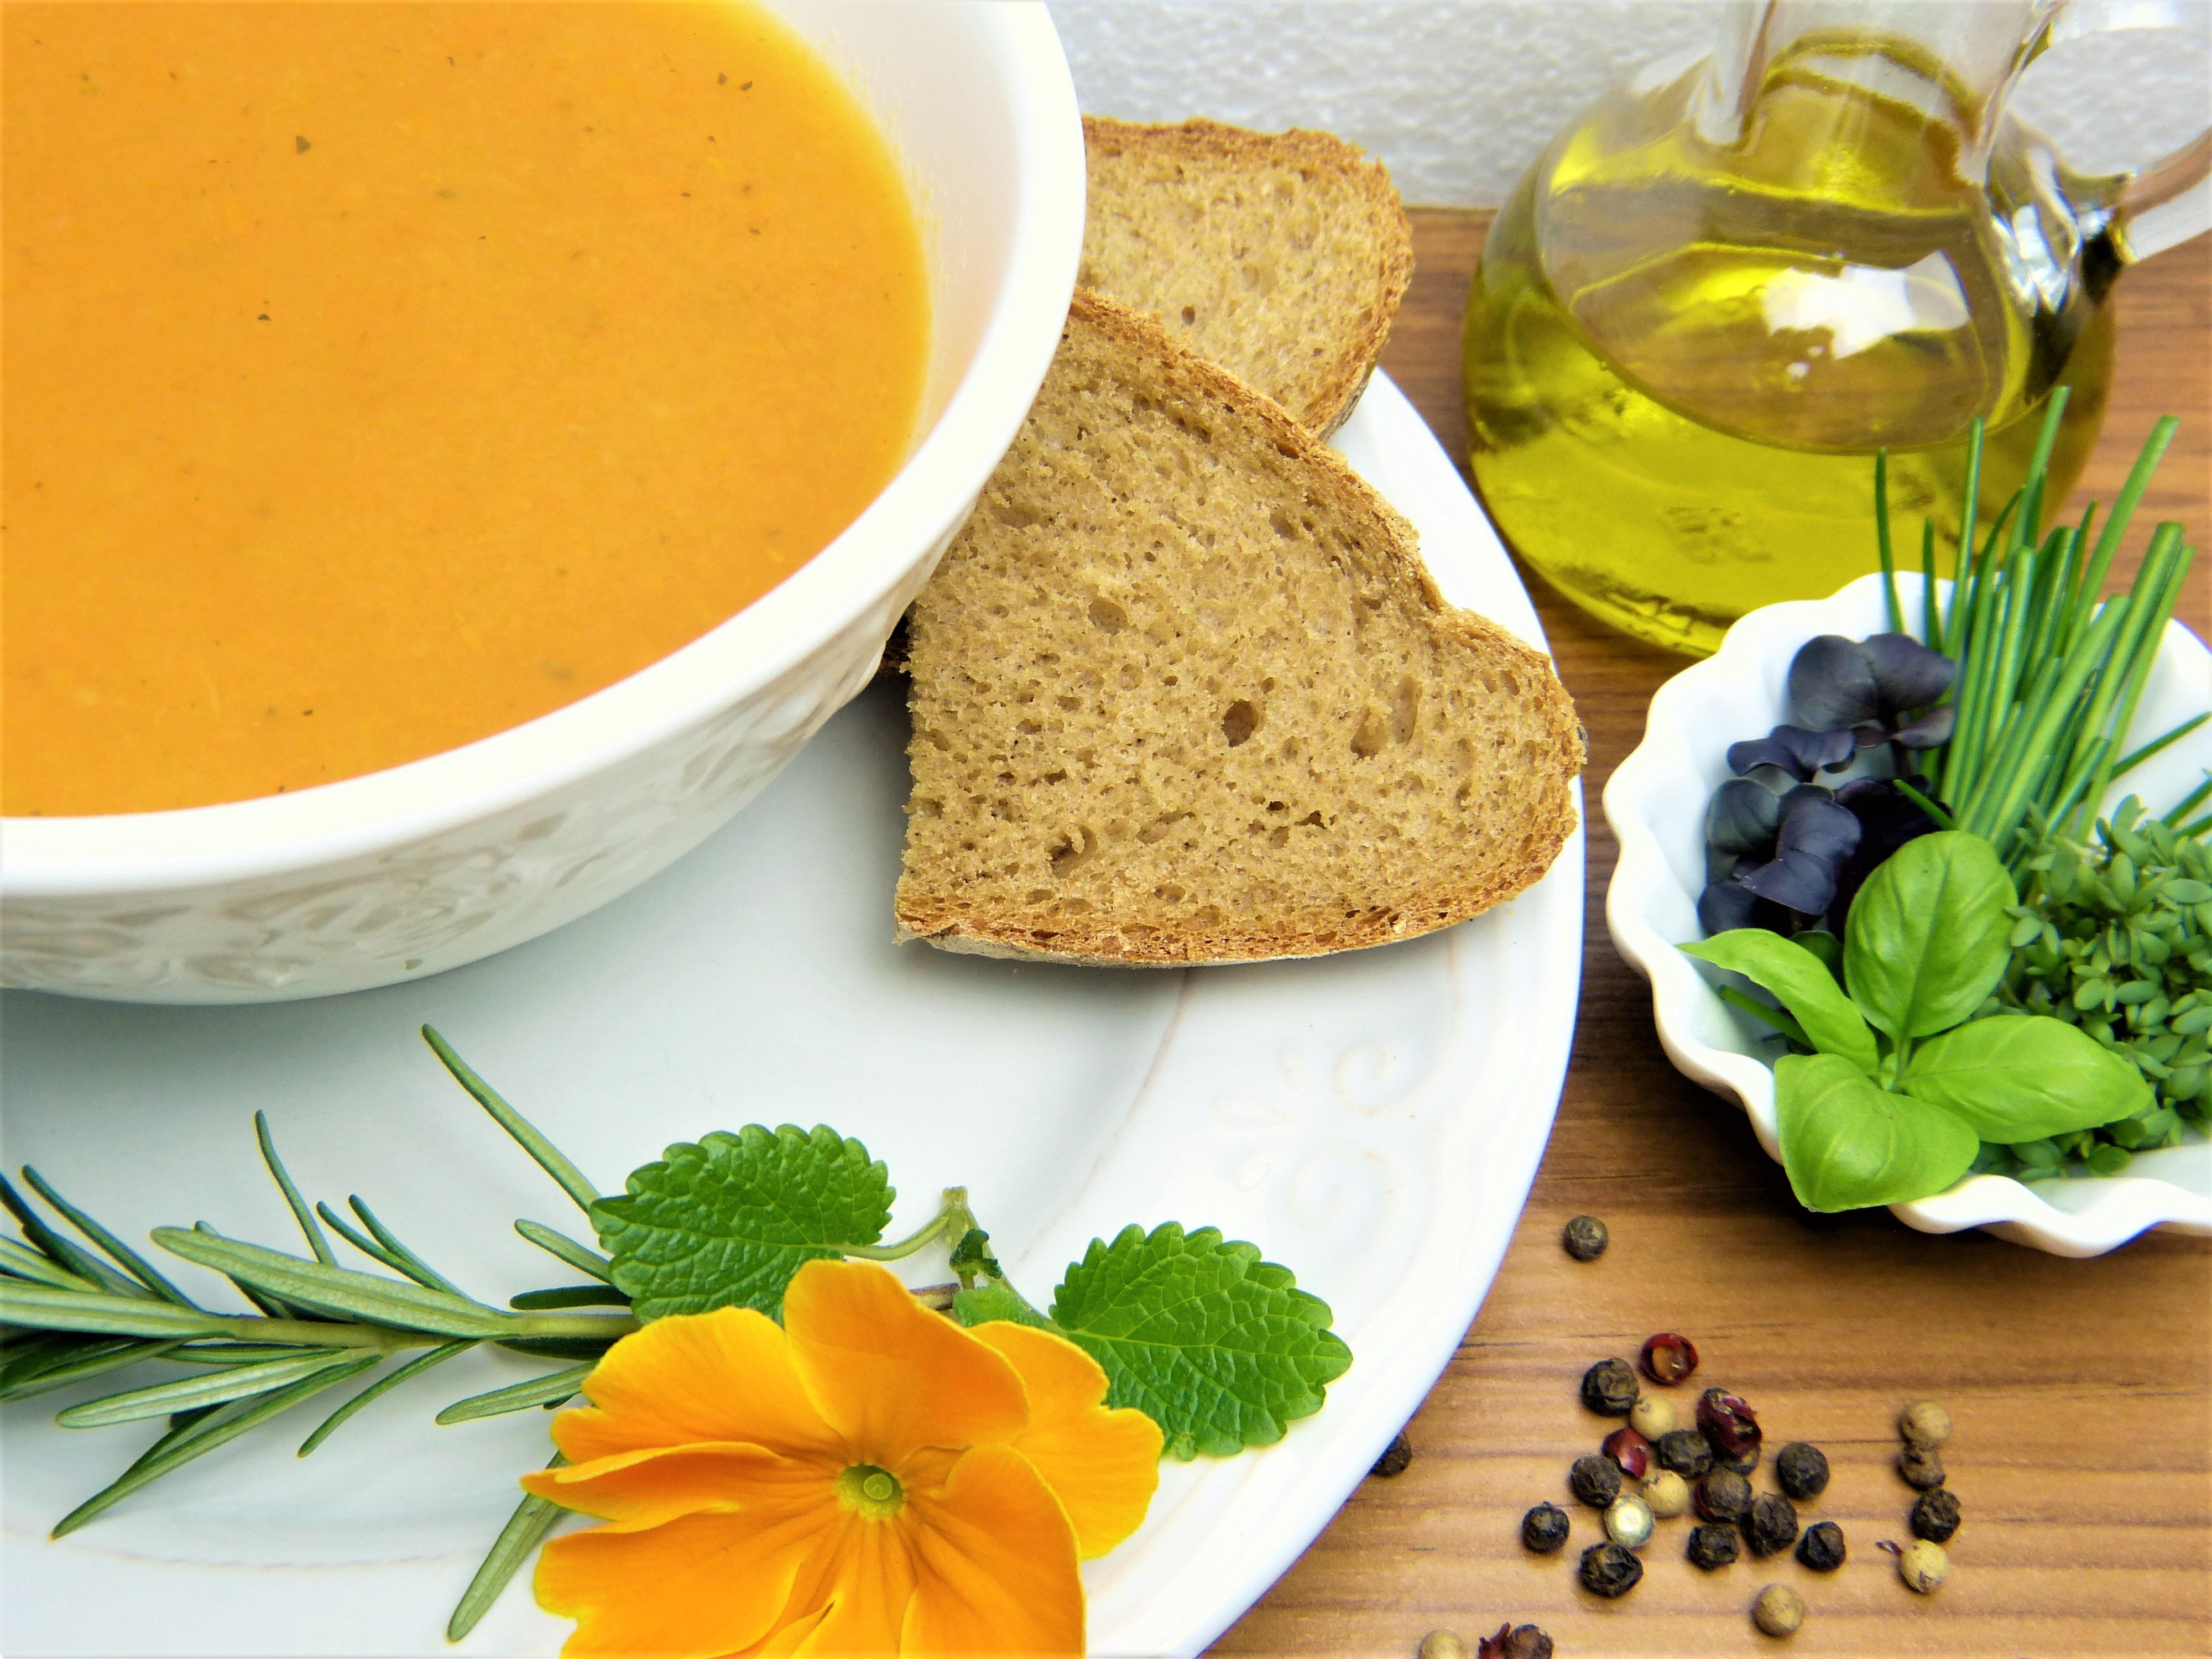 3 рецепта унікальних супів, які оцінить навіть гедоніст